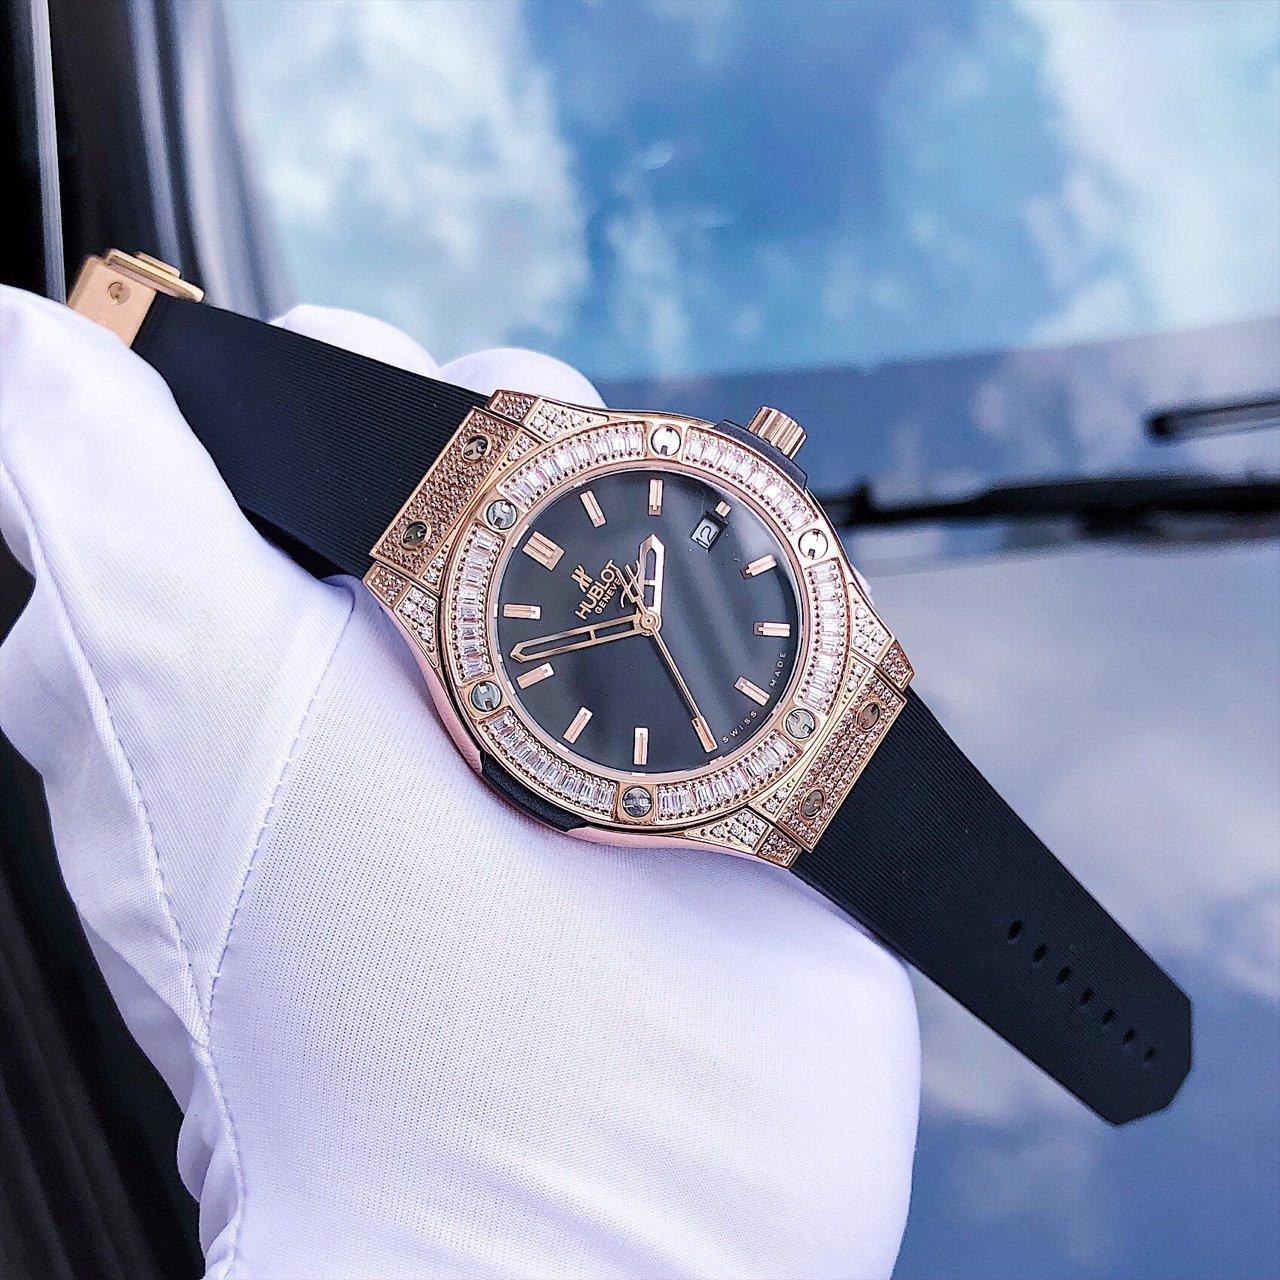 Đồng hồ phụ kiện thời trang đẹp mắt